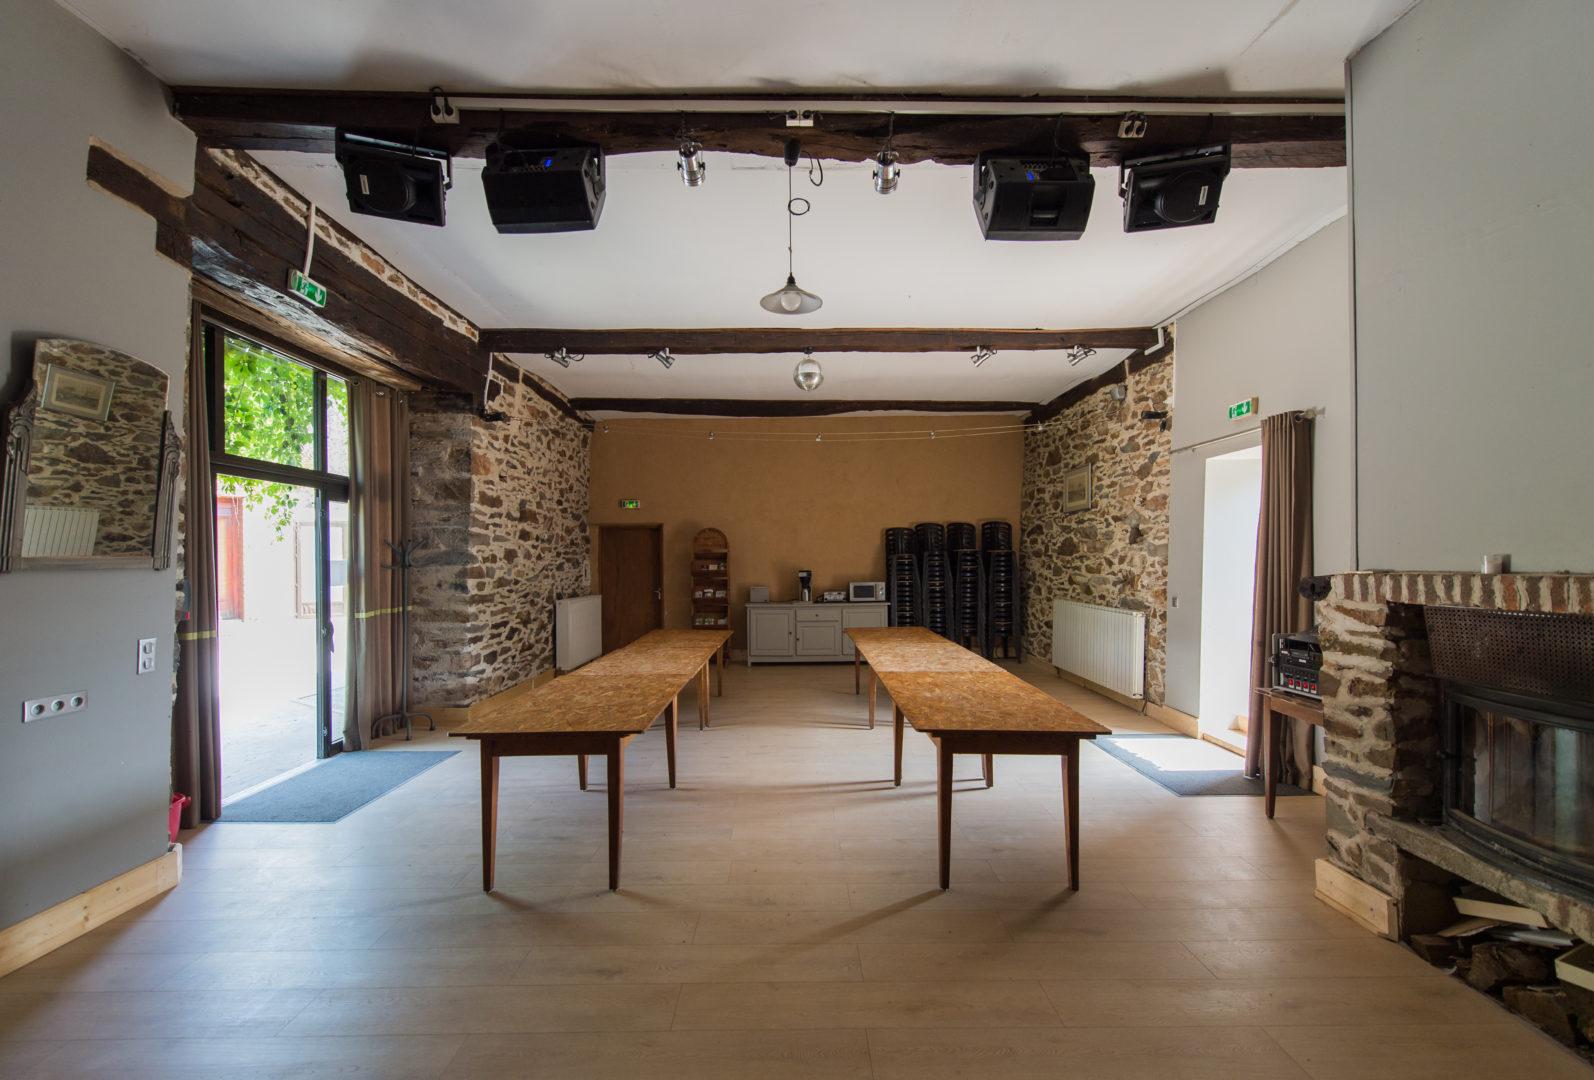 grande salle ; gite de groupe ; centre de vacances ; occitanie ; évènements